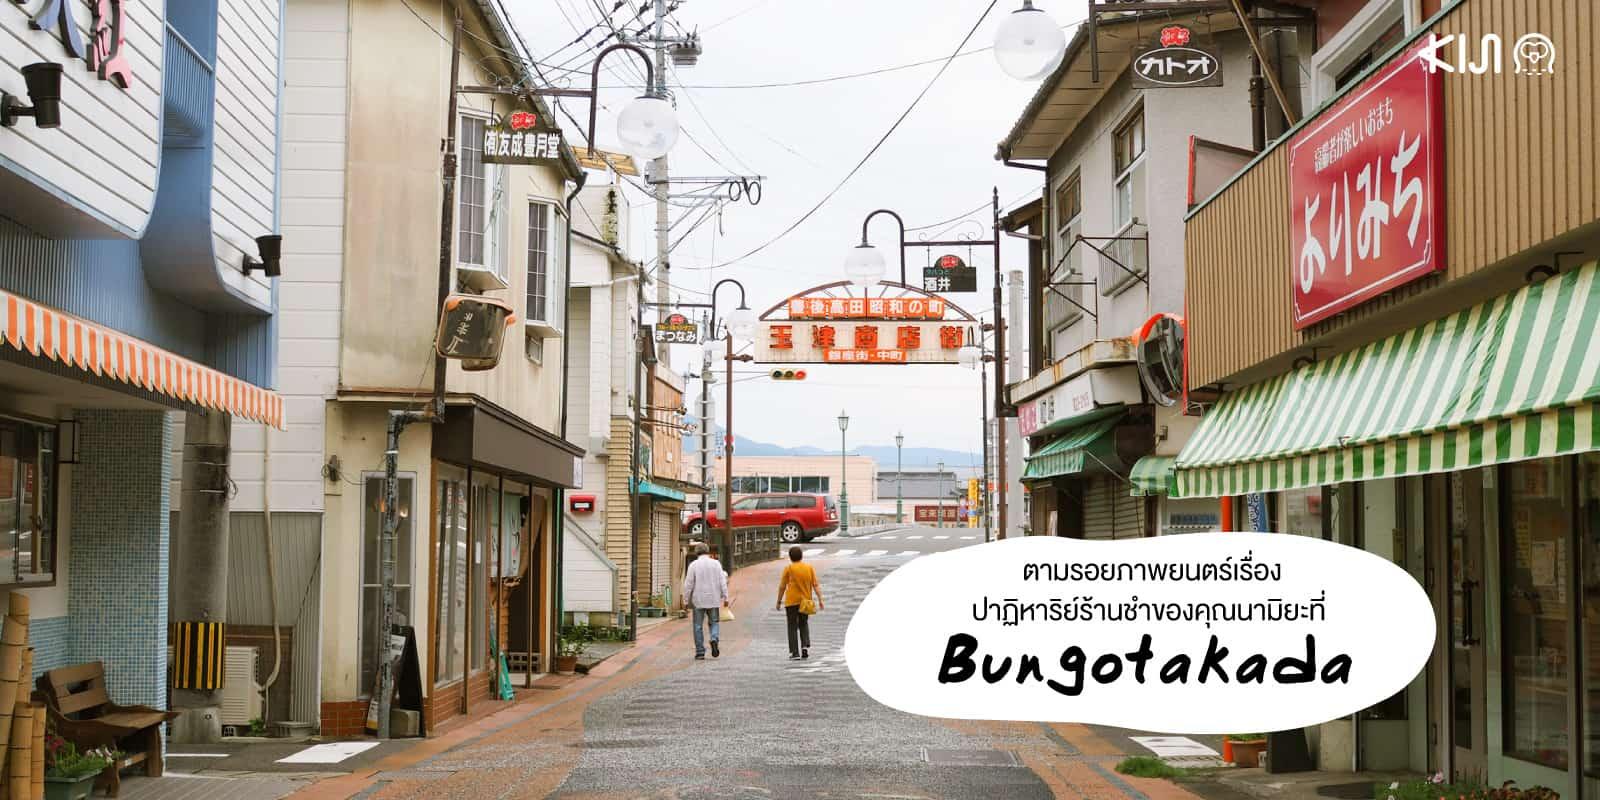 ตามรอยหนัง ปาฏิหาริย์ร้านชำของคุณนามิยะ ที่บุงโกะทาคาดะ Bungotakada